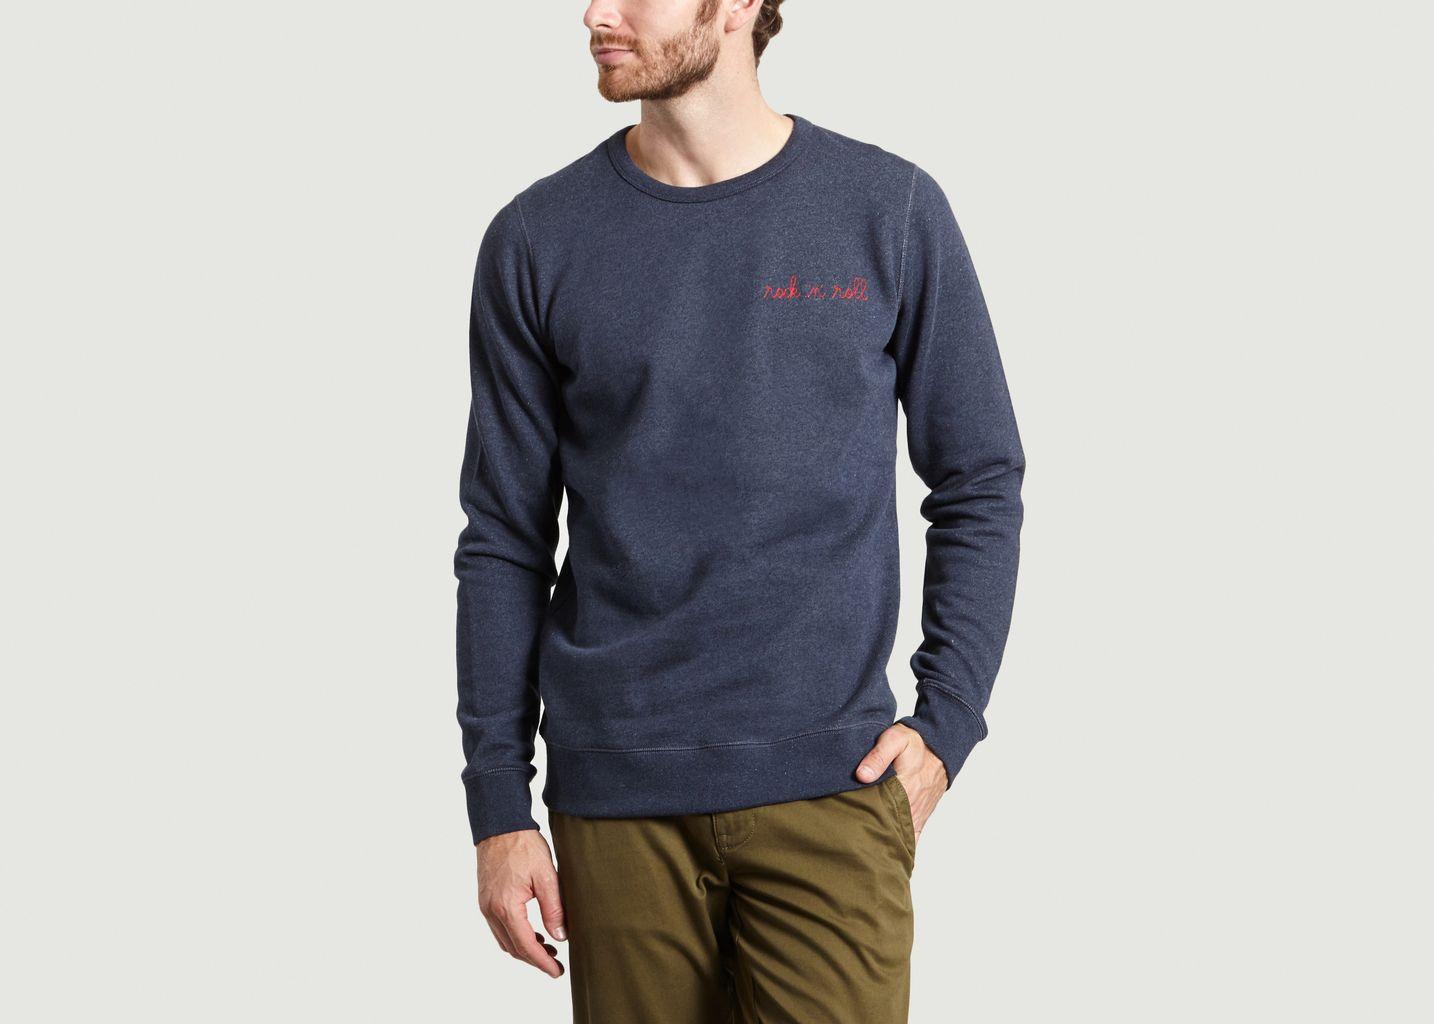 Sweatshirt Rock'n'Roll  - Maison Labiche